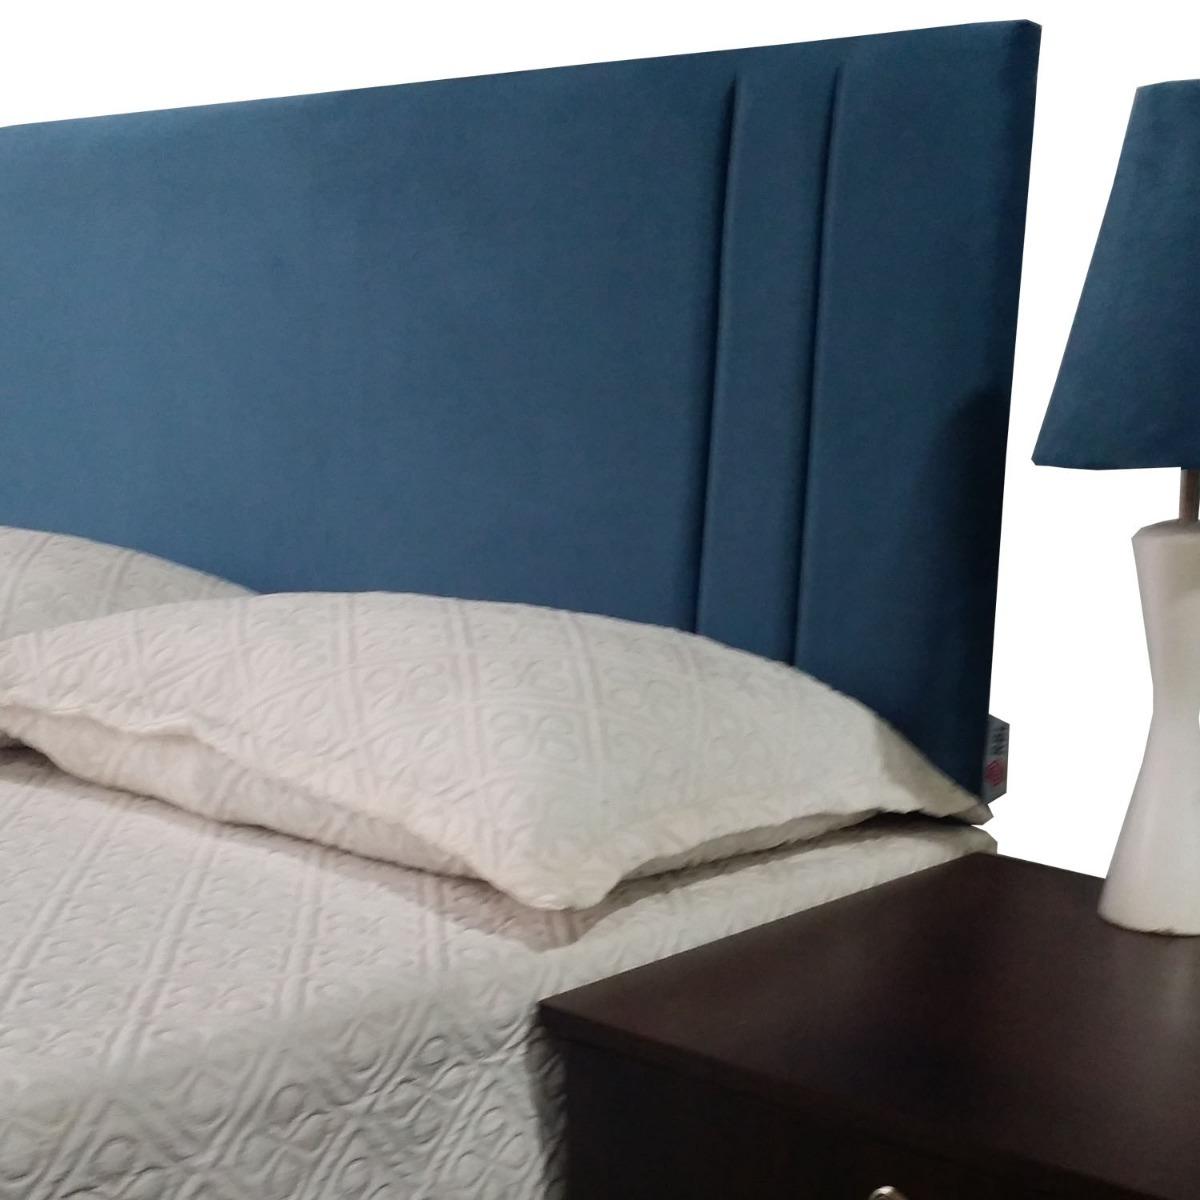 051748b1d cabeceira estofada suede azul cama box solteiro 90 x 60 rbl. Carregando zoom .